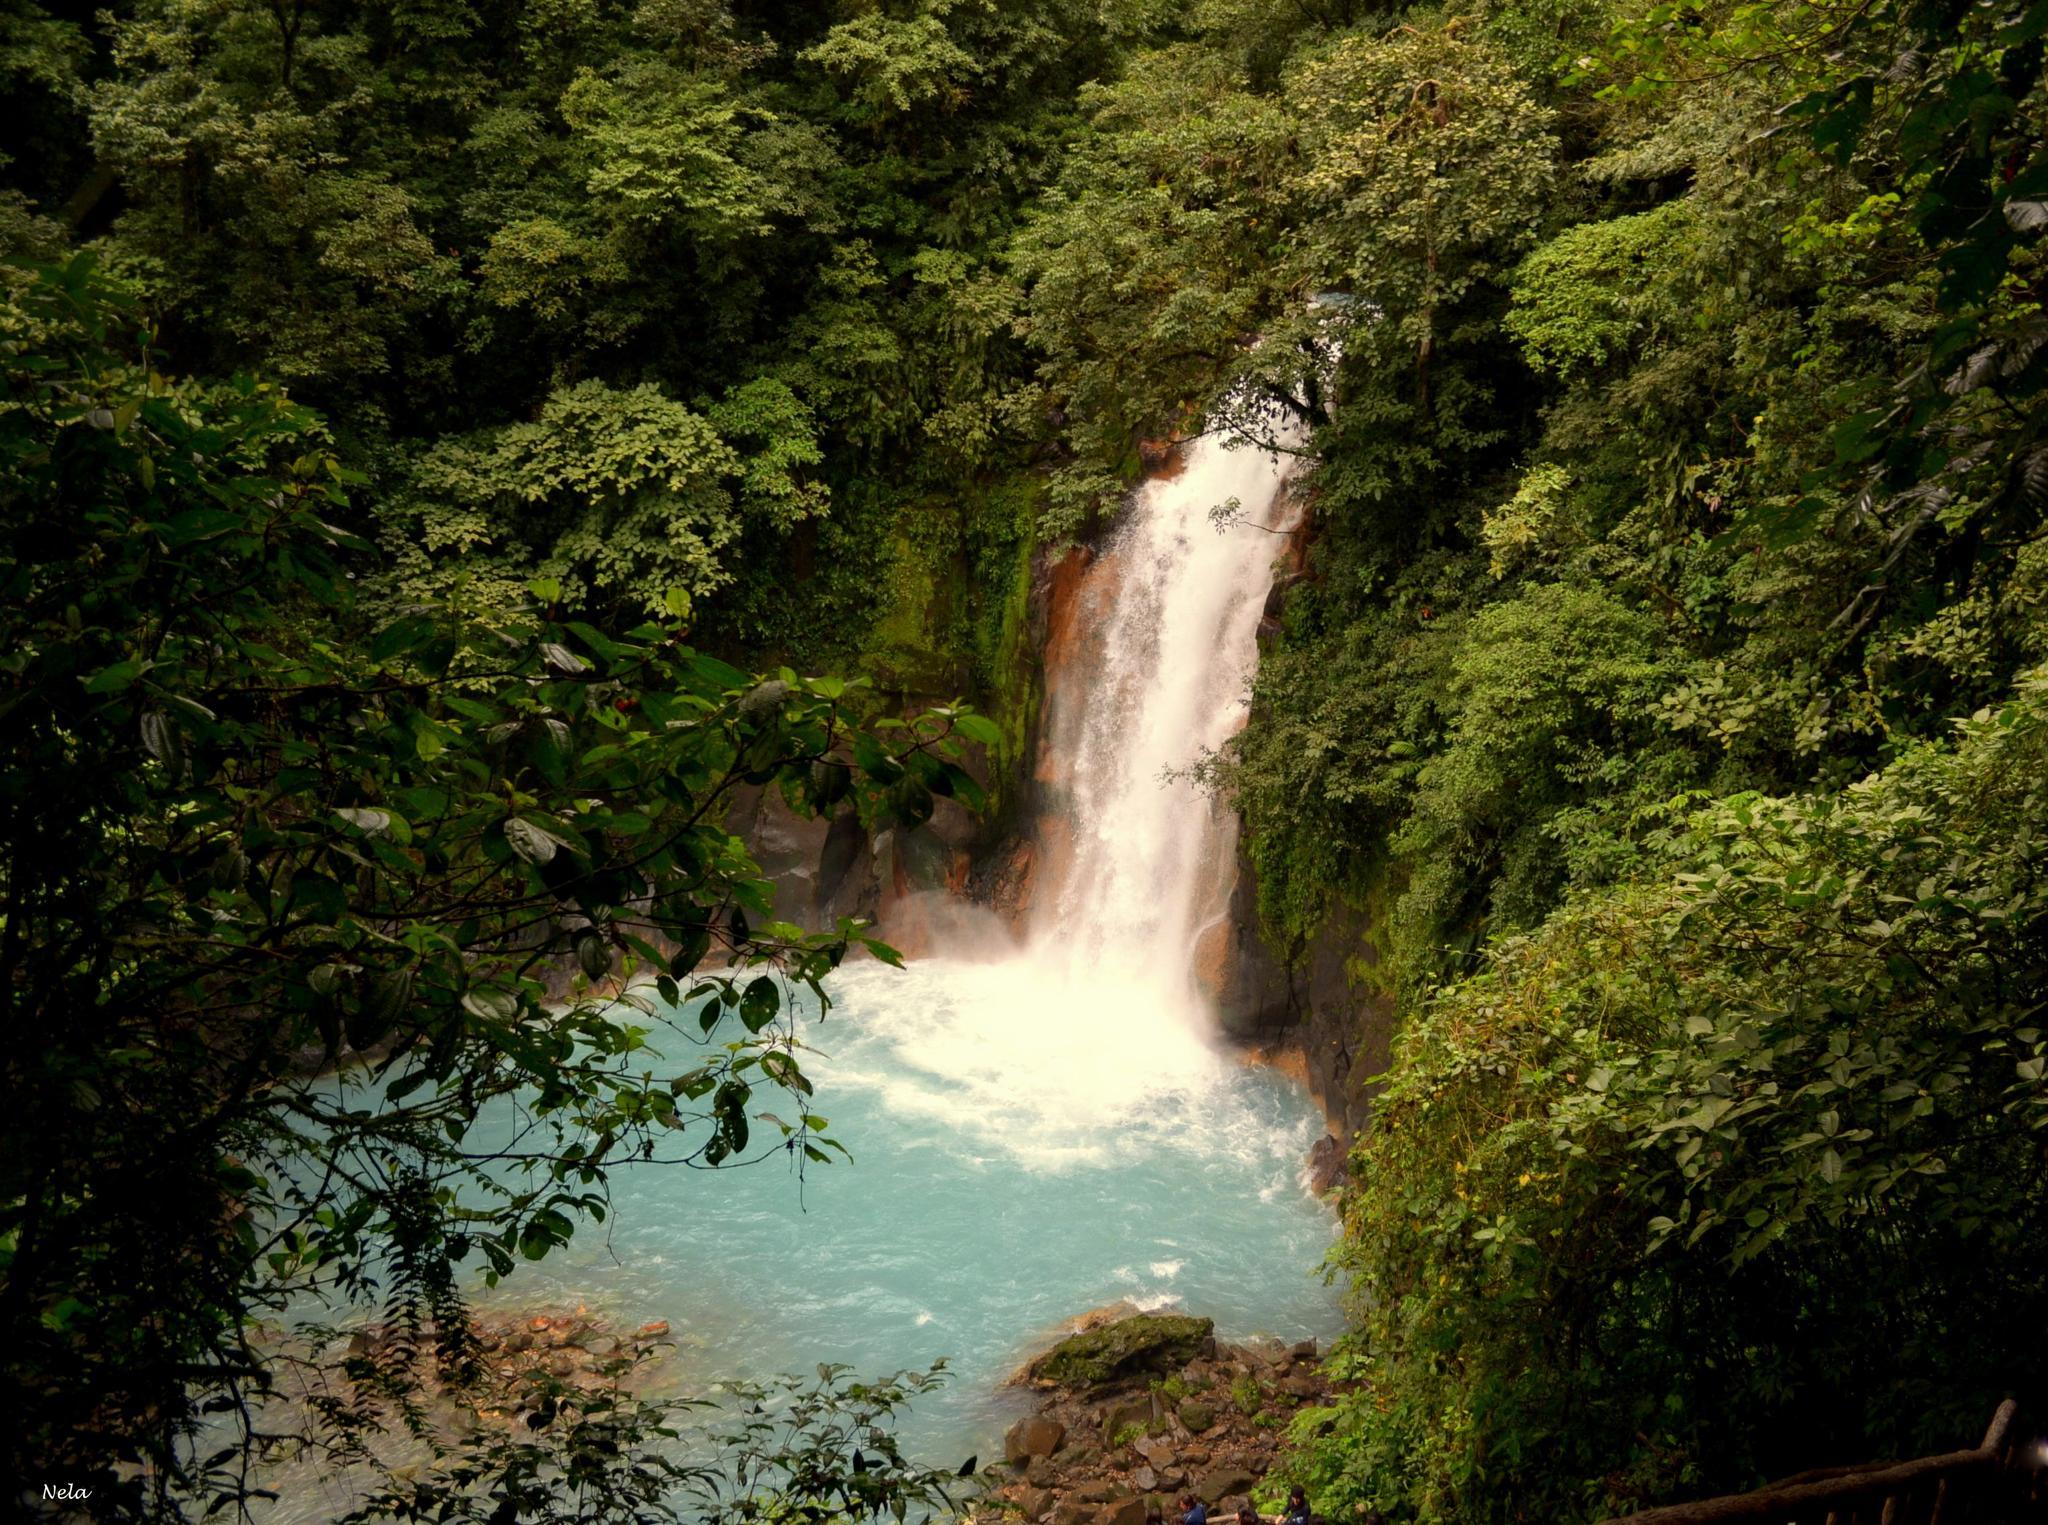 Catarata Río Celeste 2 by nela65